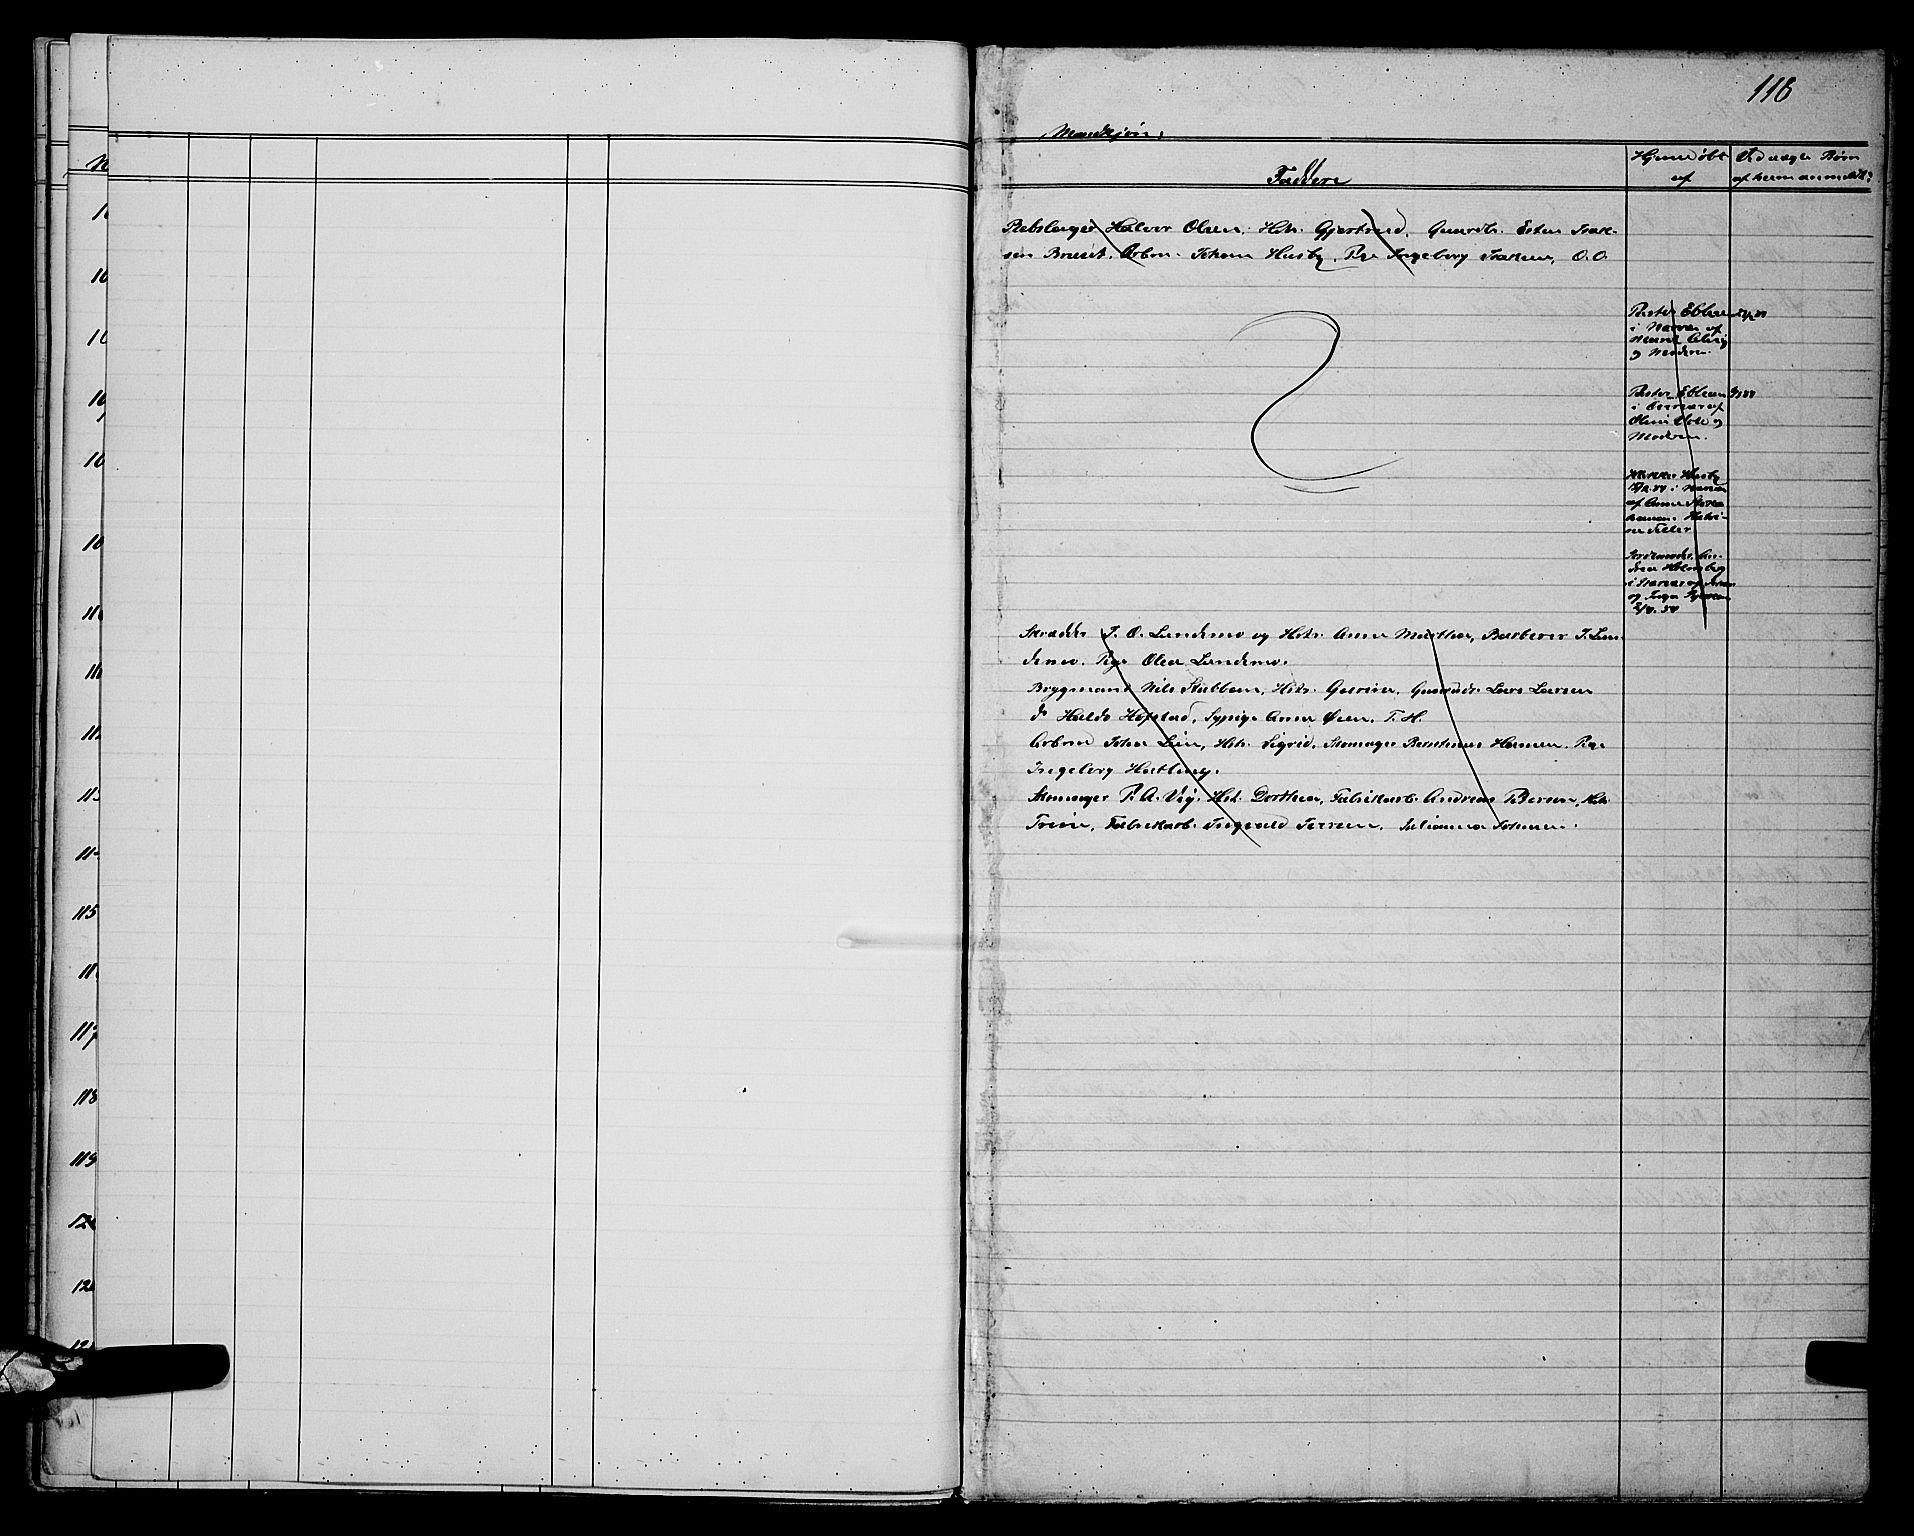 SAT, Ministerialprotokoller, klokkerbøker og fødselsregistre - Sør-Trøndelag, 604/L0220: Klokkerbok nr. 604C03, 1870-1885, s. 118m